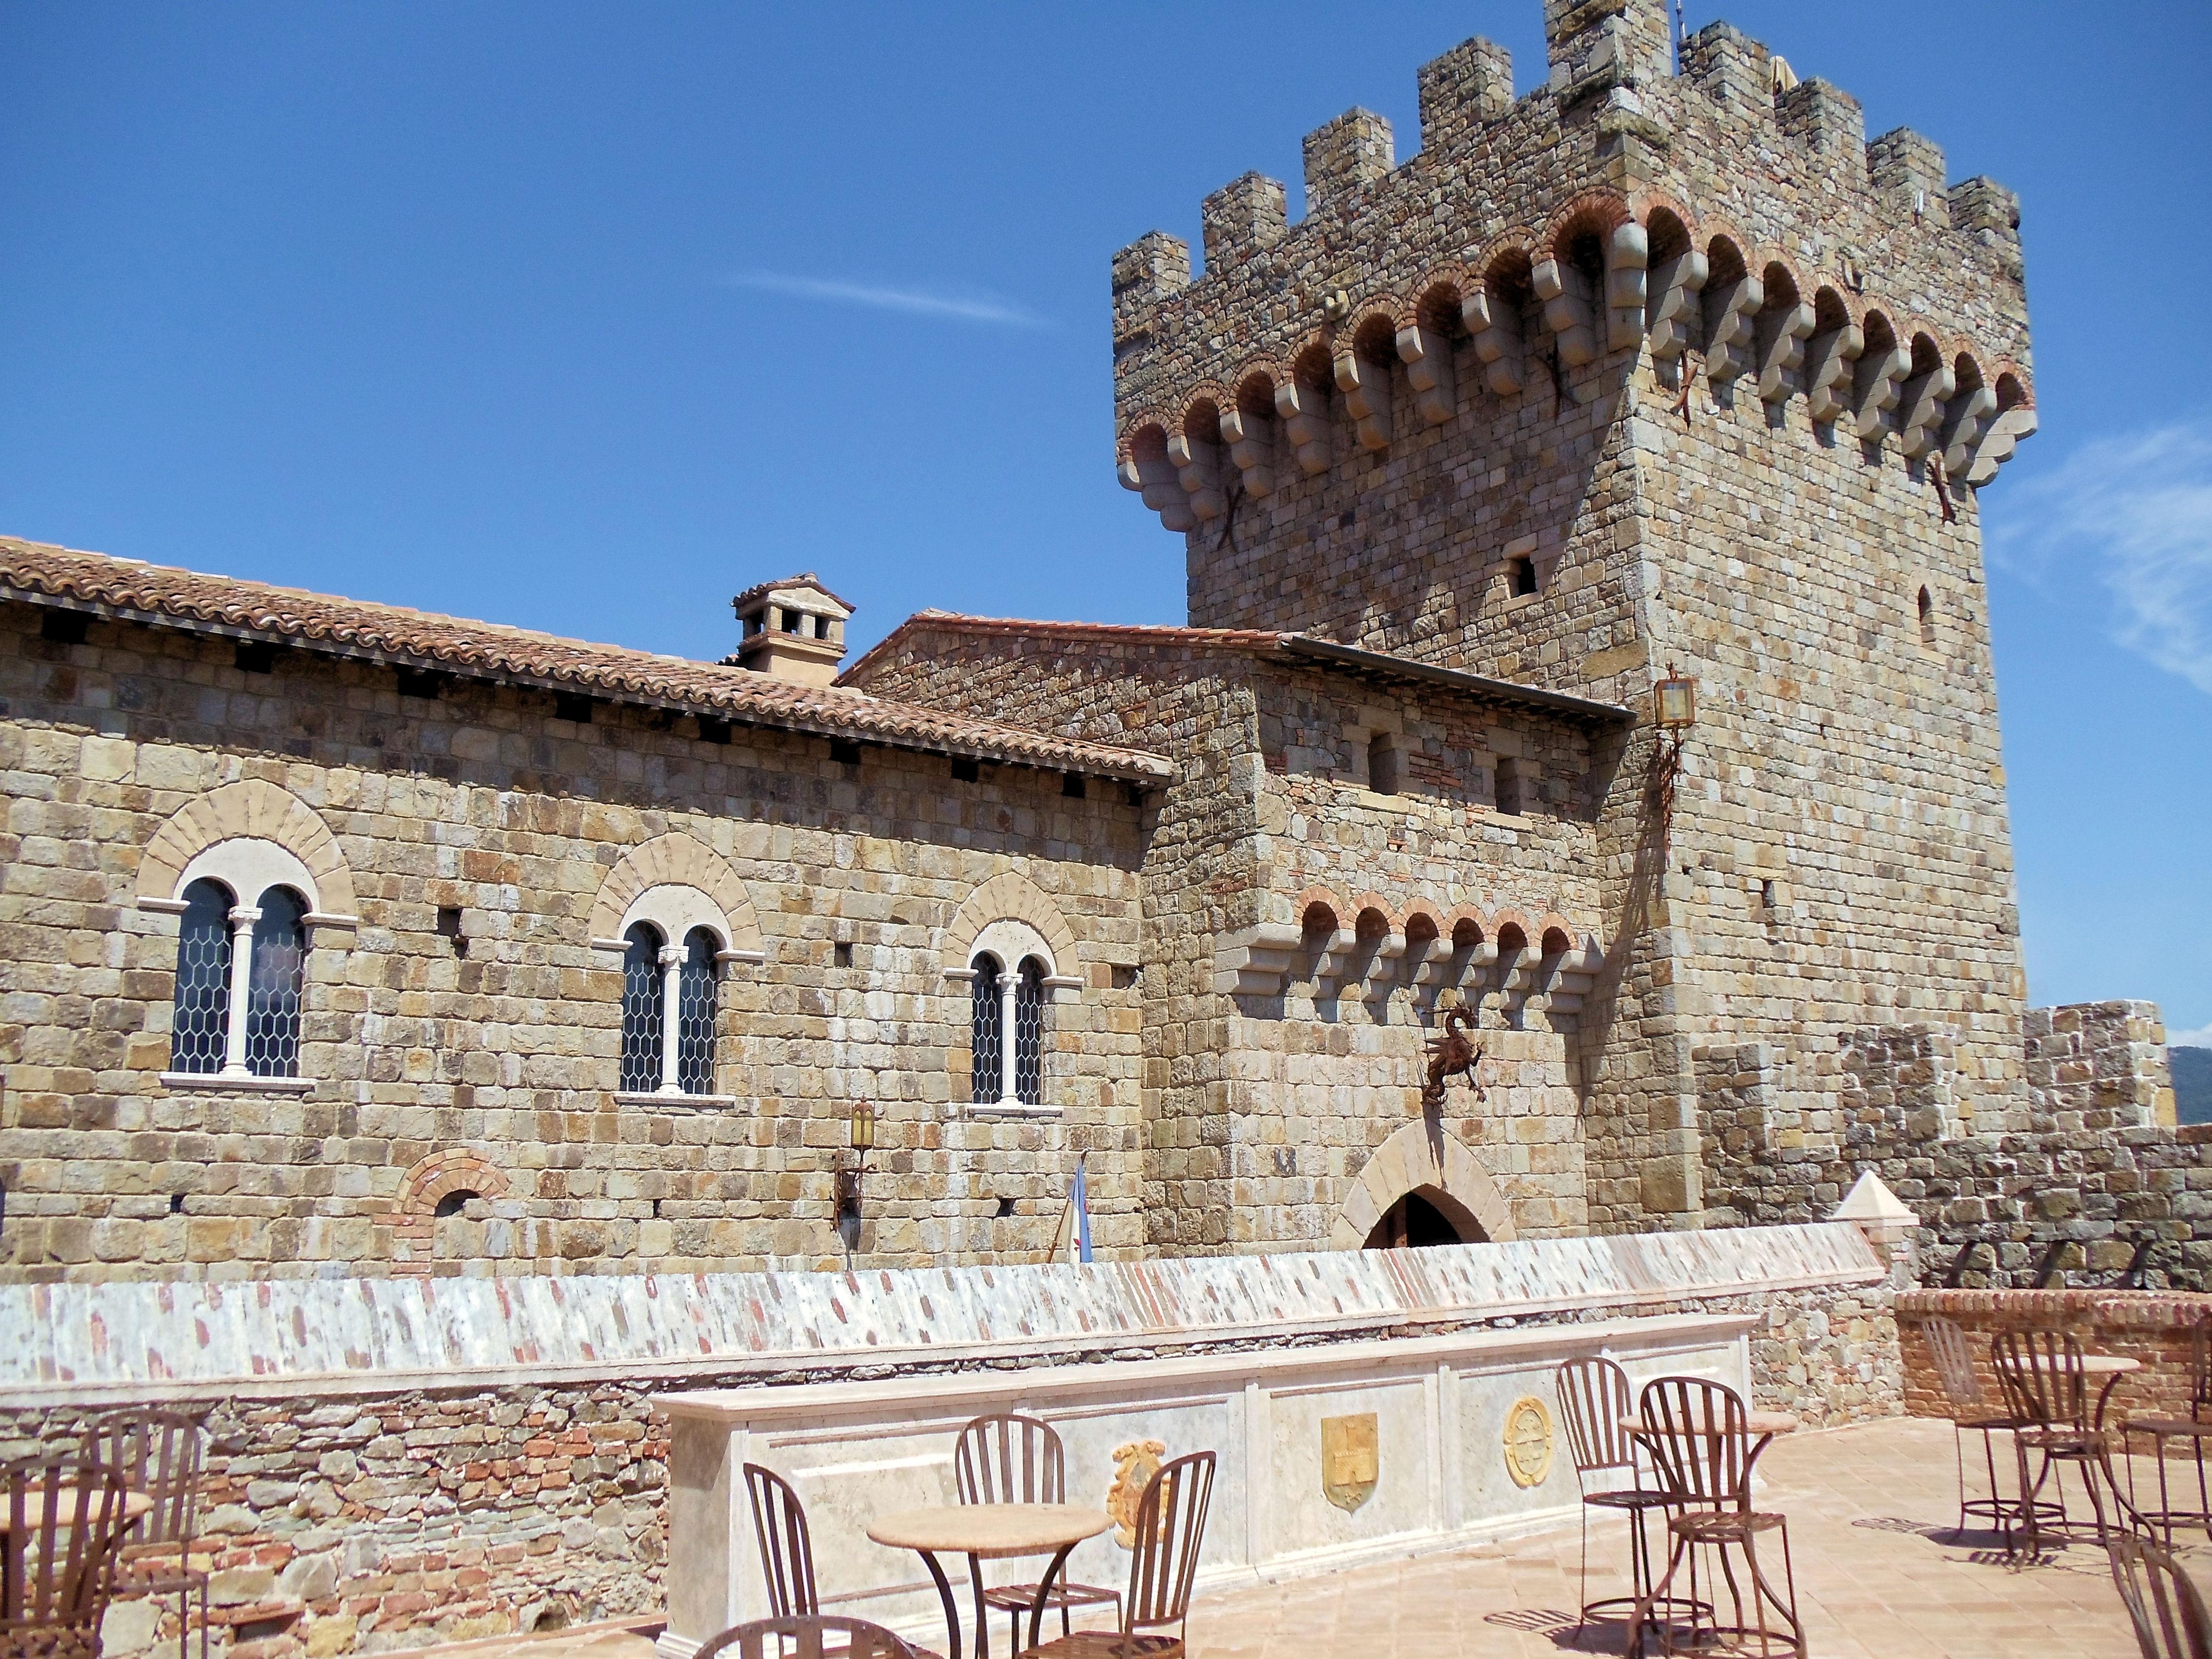 Castello Winery Tour